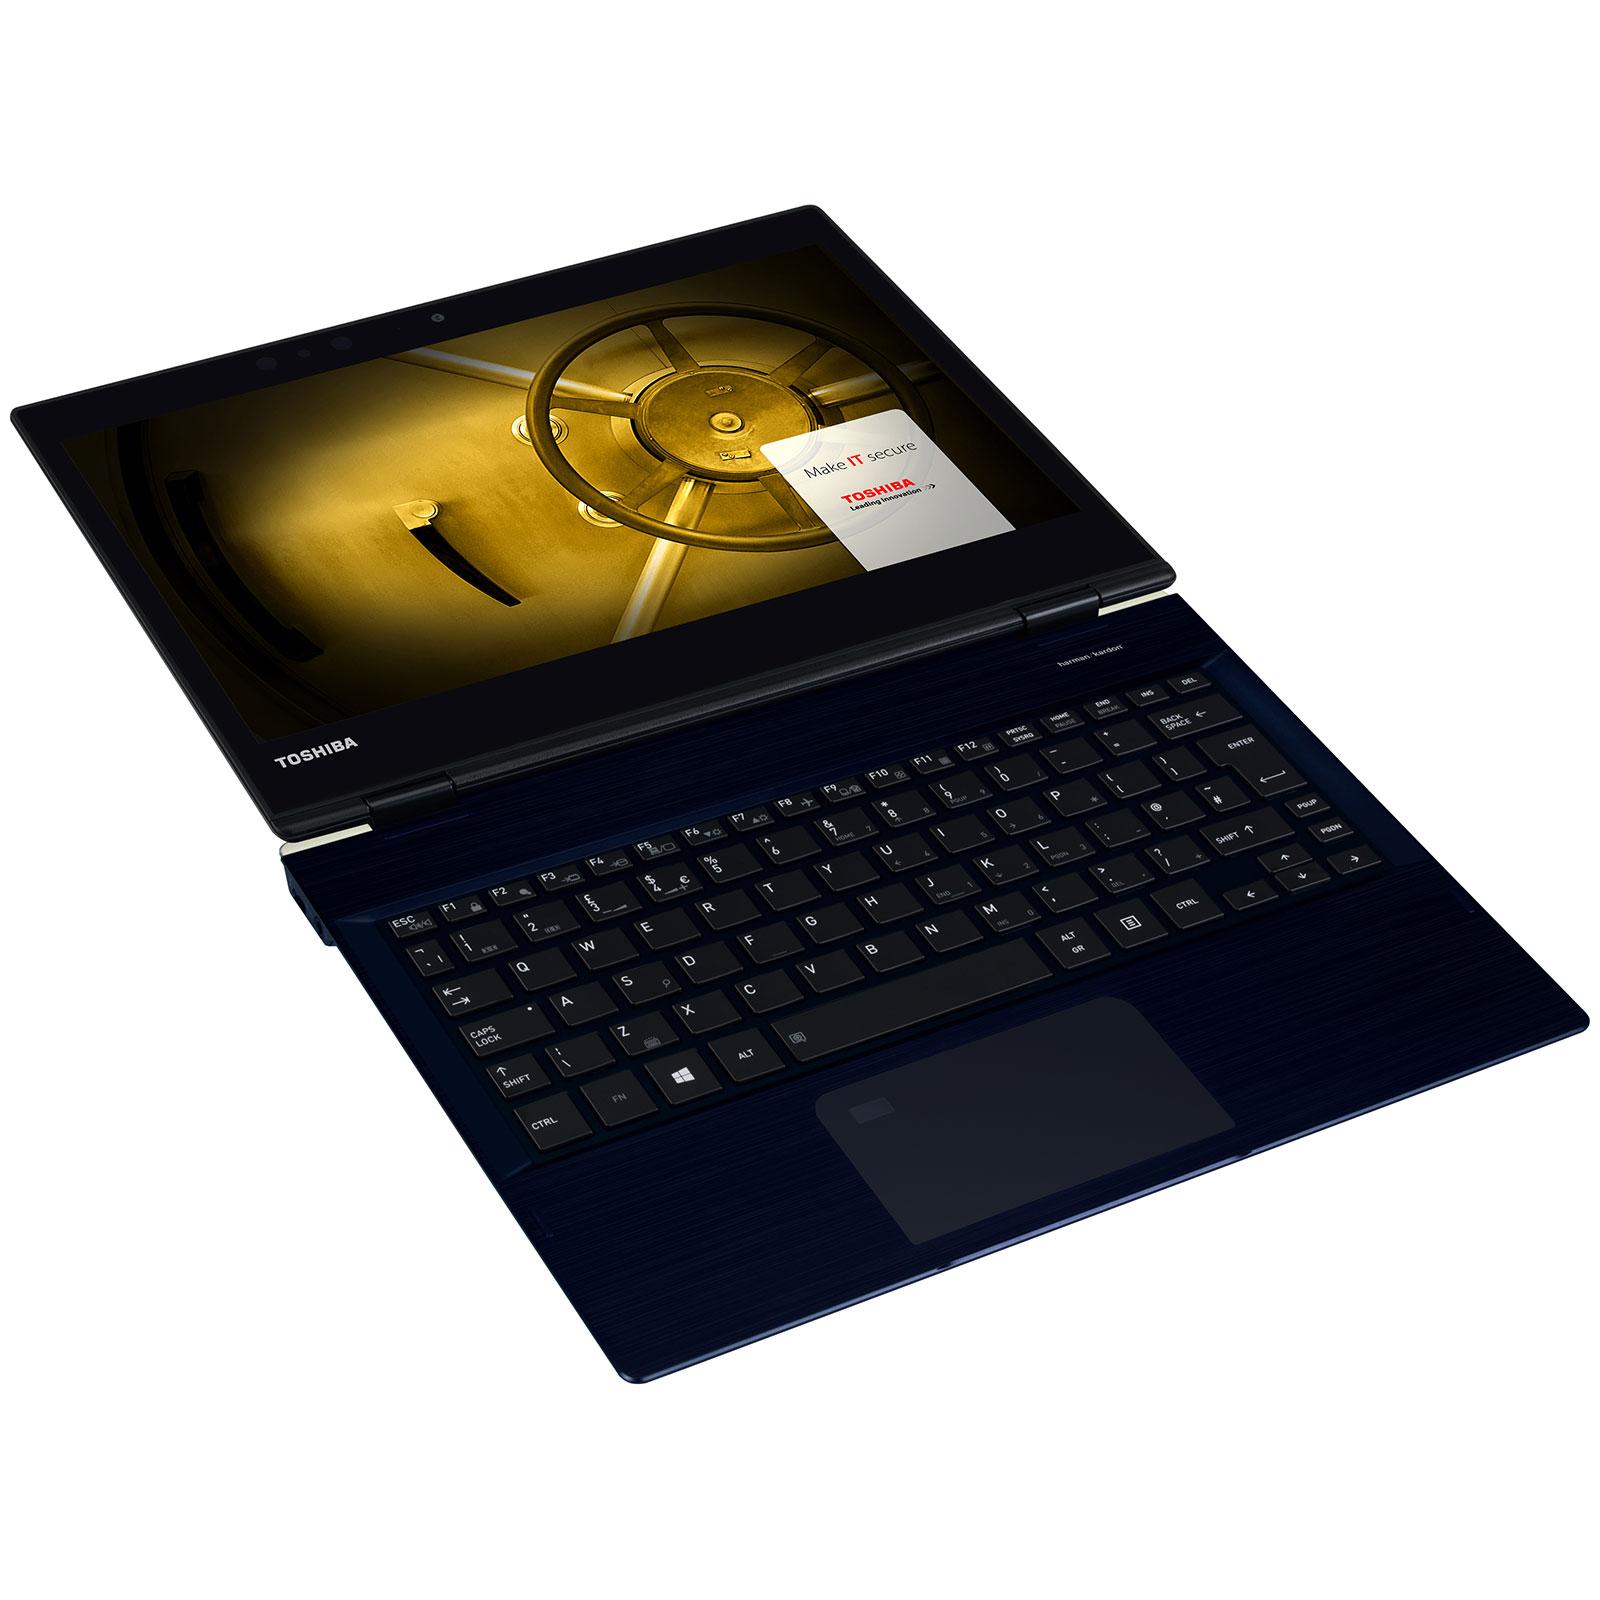 Toshiba PRT12E-016010FR - PC portable Toshiba - Cybertek.fr - 3